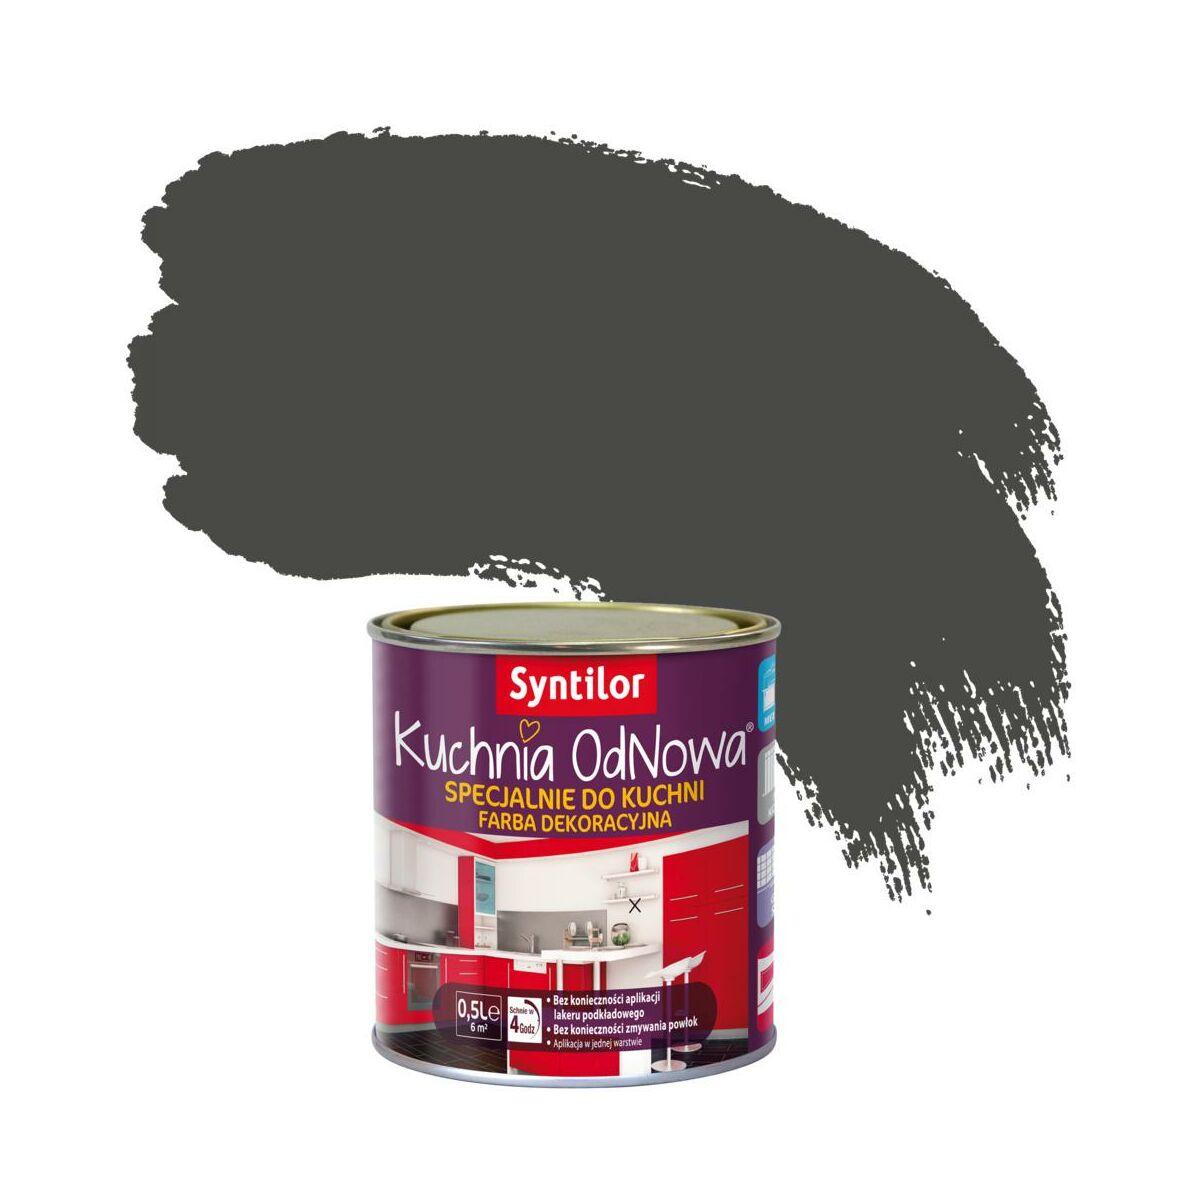 Farba Renowacyjna Kuchnia Odnowa 05 L Ziarno Maku Syntilor